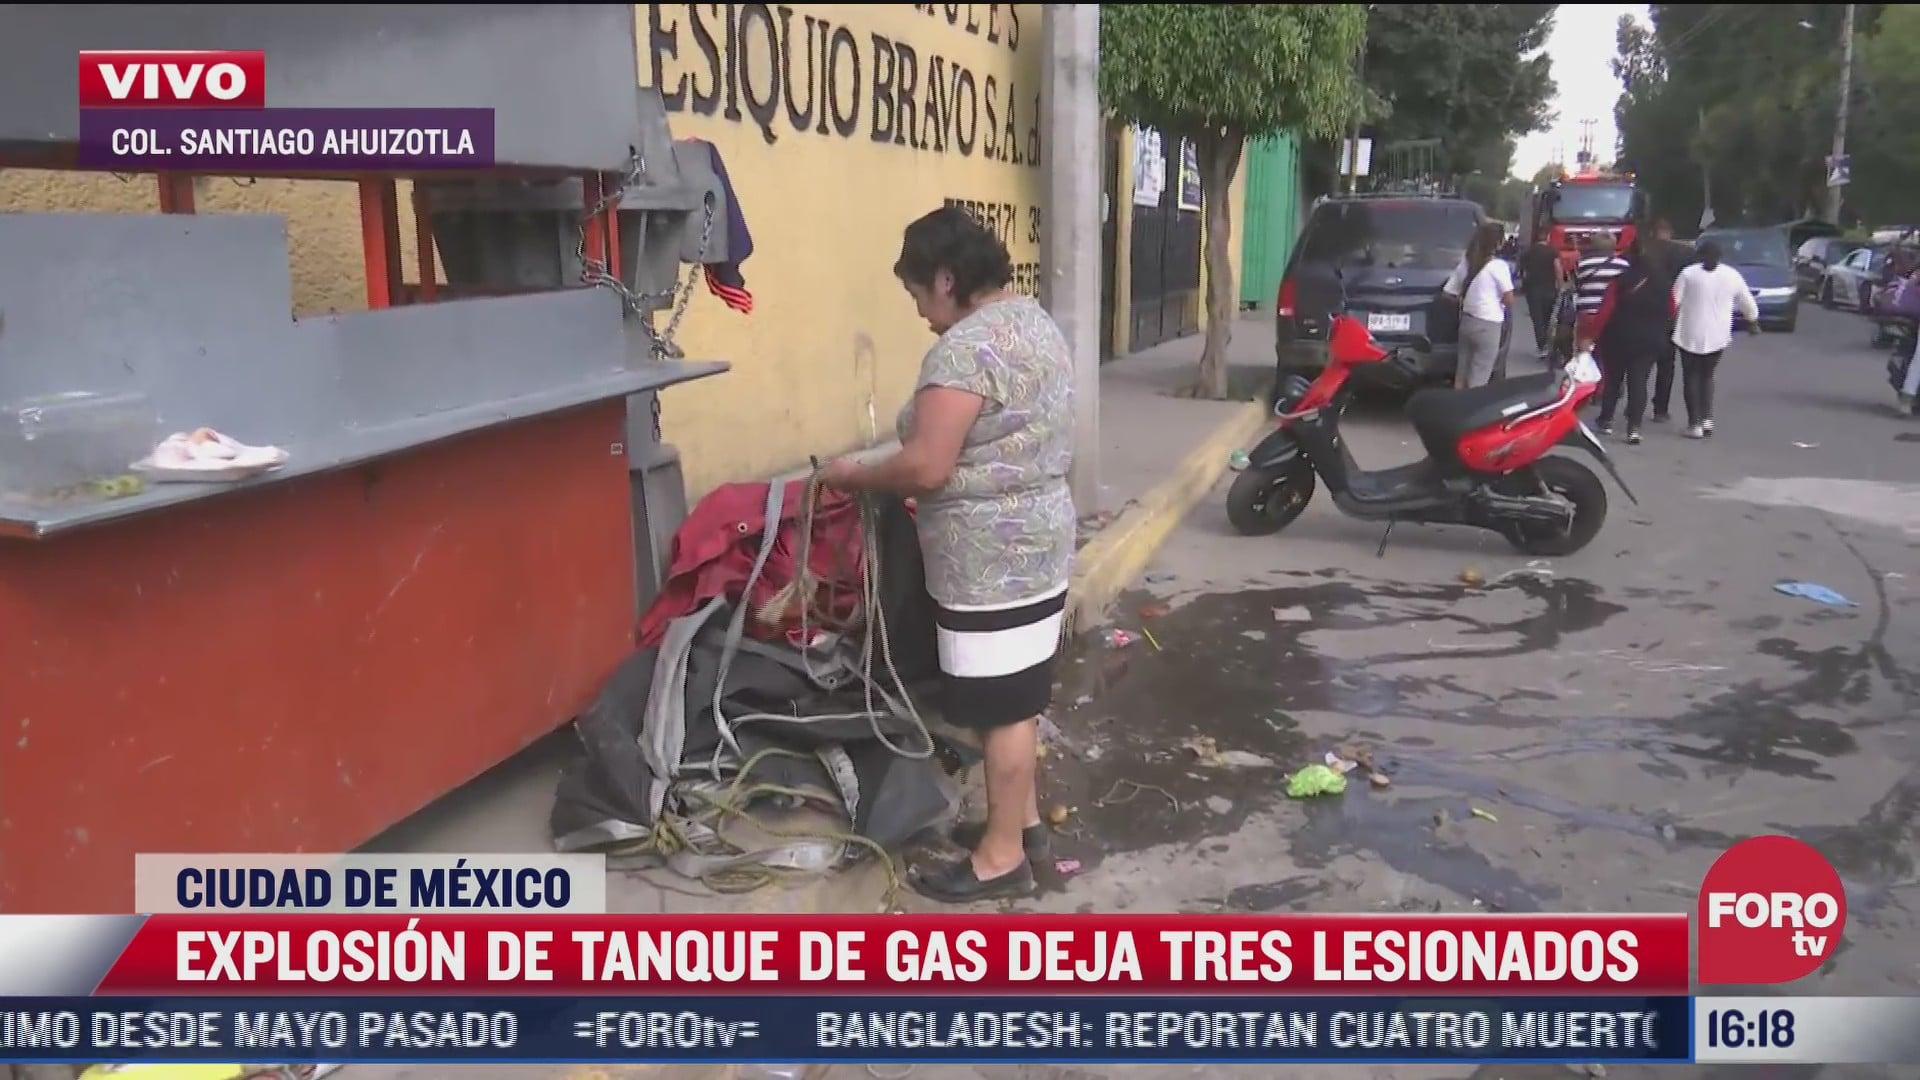 explosion de tanque de gas deja tres lesionados en cdmx